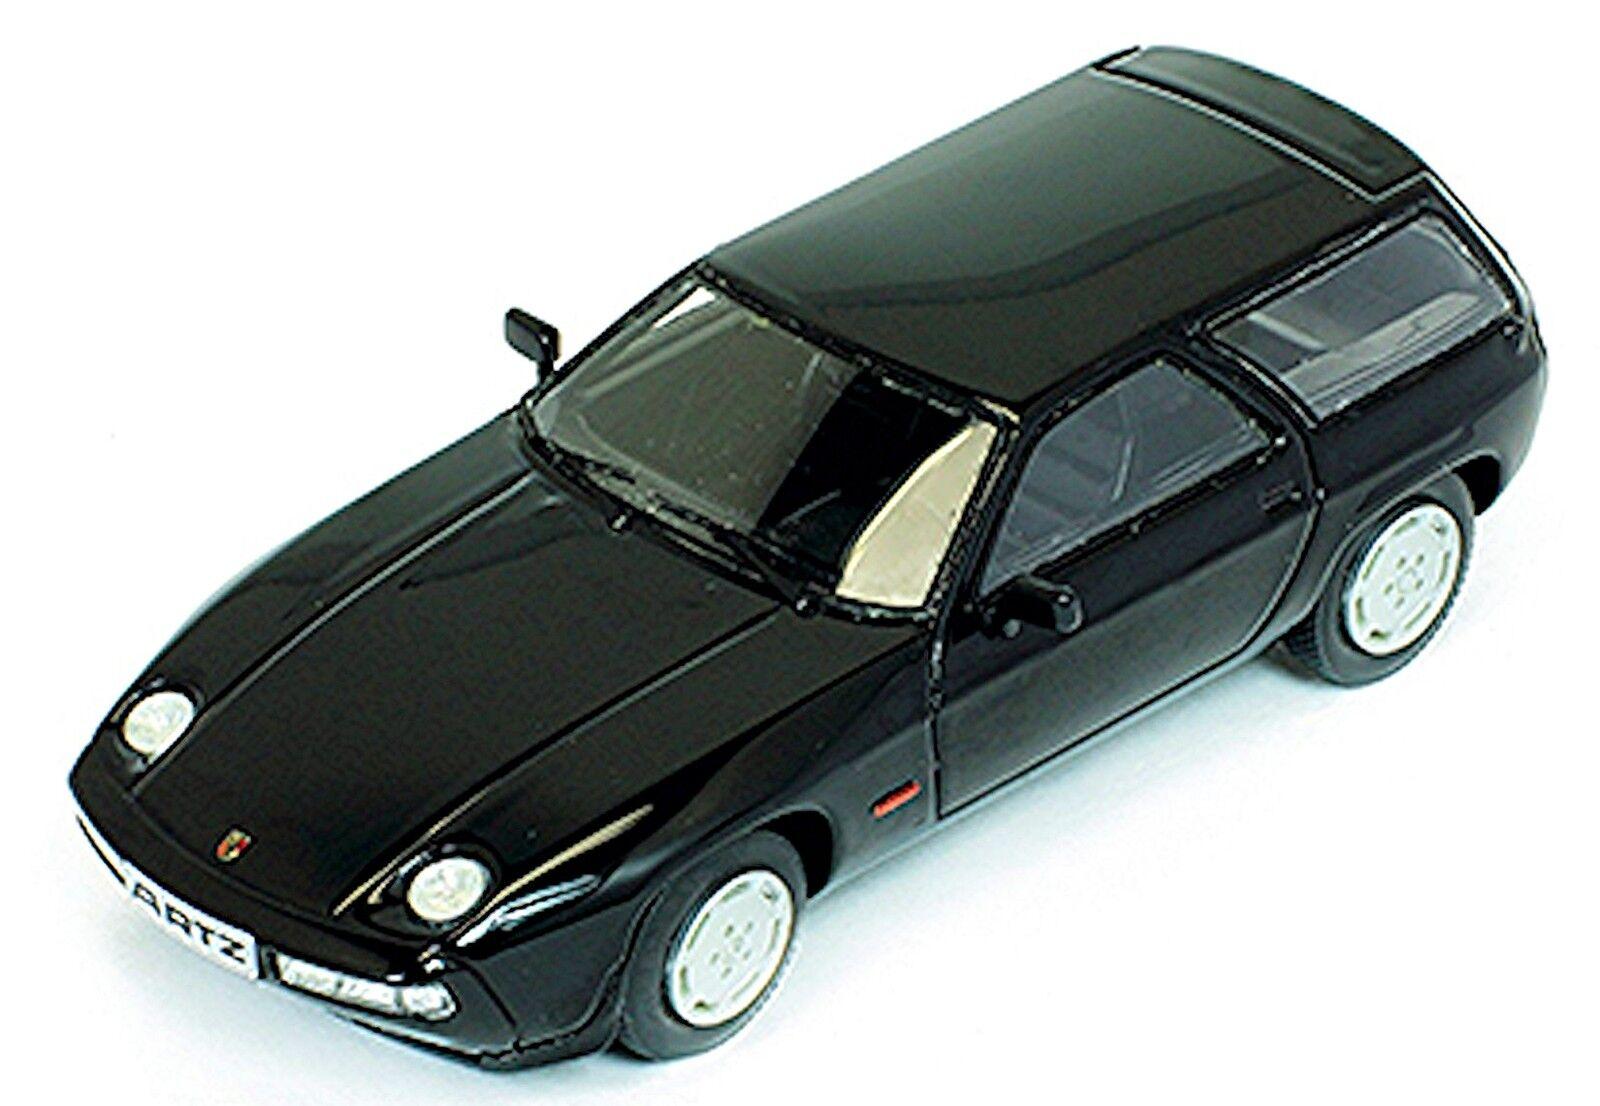 Porsche 928 S Turbo Break Artz Tuning 1979-80 noir noir 1:43 | Avoir à La Fois La Qualité De La Ténacité Et De Dureté  | Exquis (en) Exécution  | Belle Couleur  | Dernière Arrivée